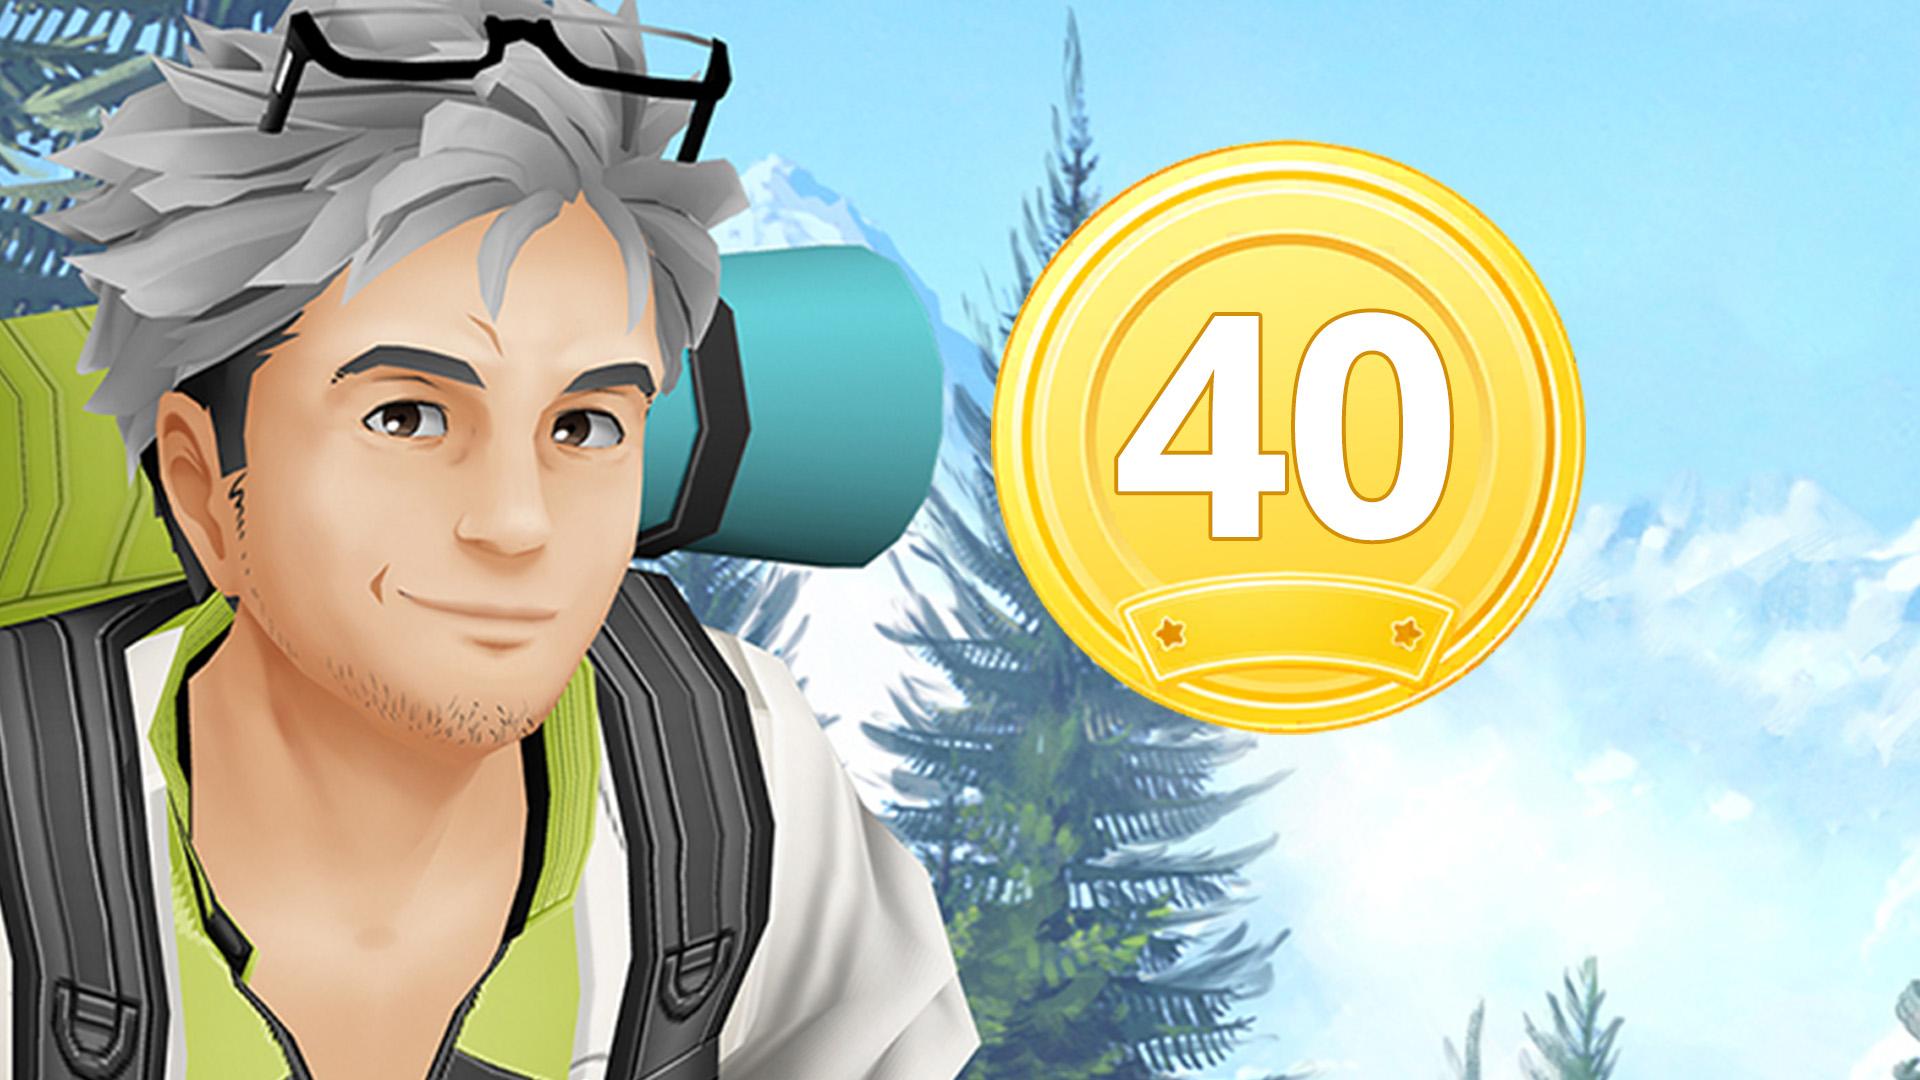 Medalla Pokémon GO Willow 40